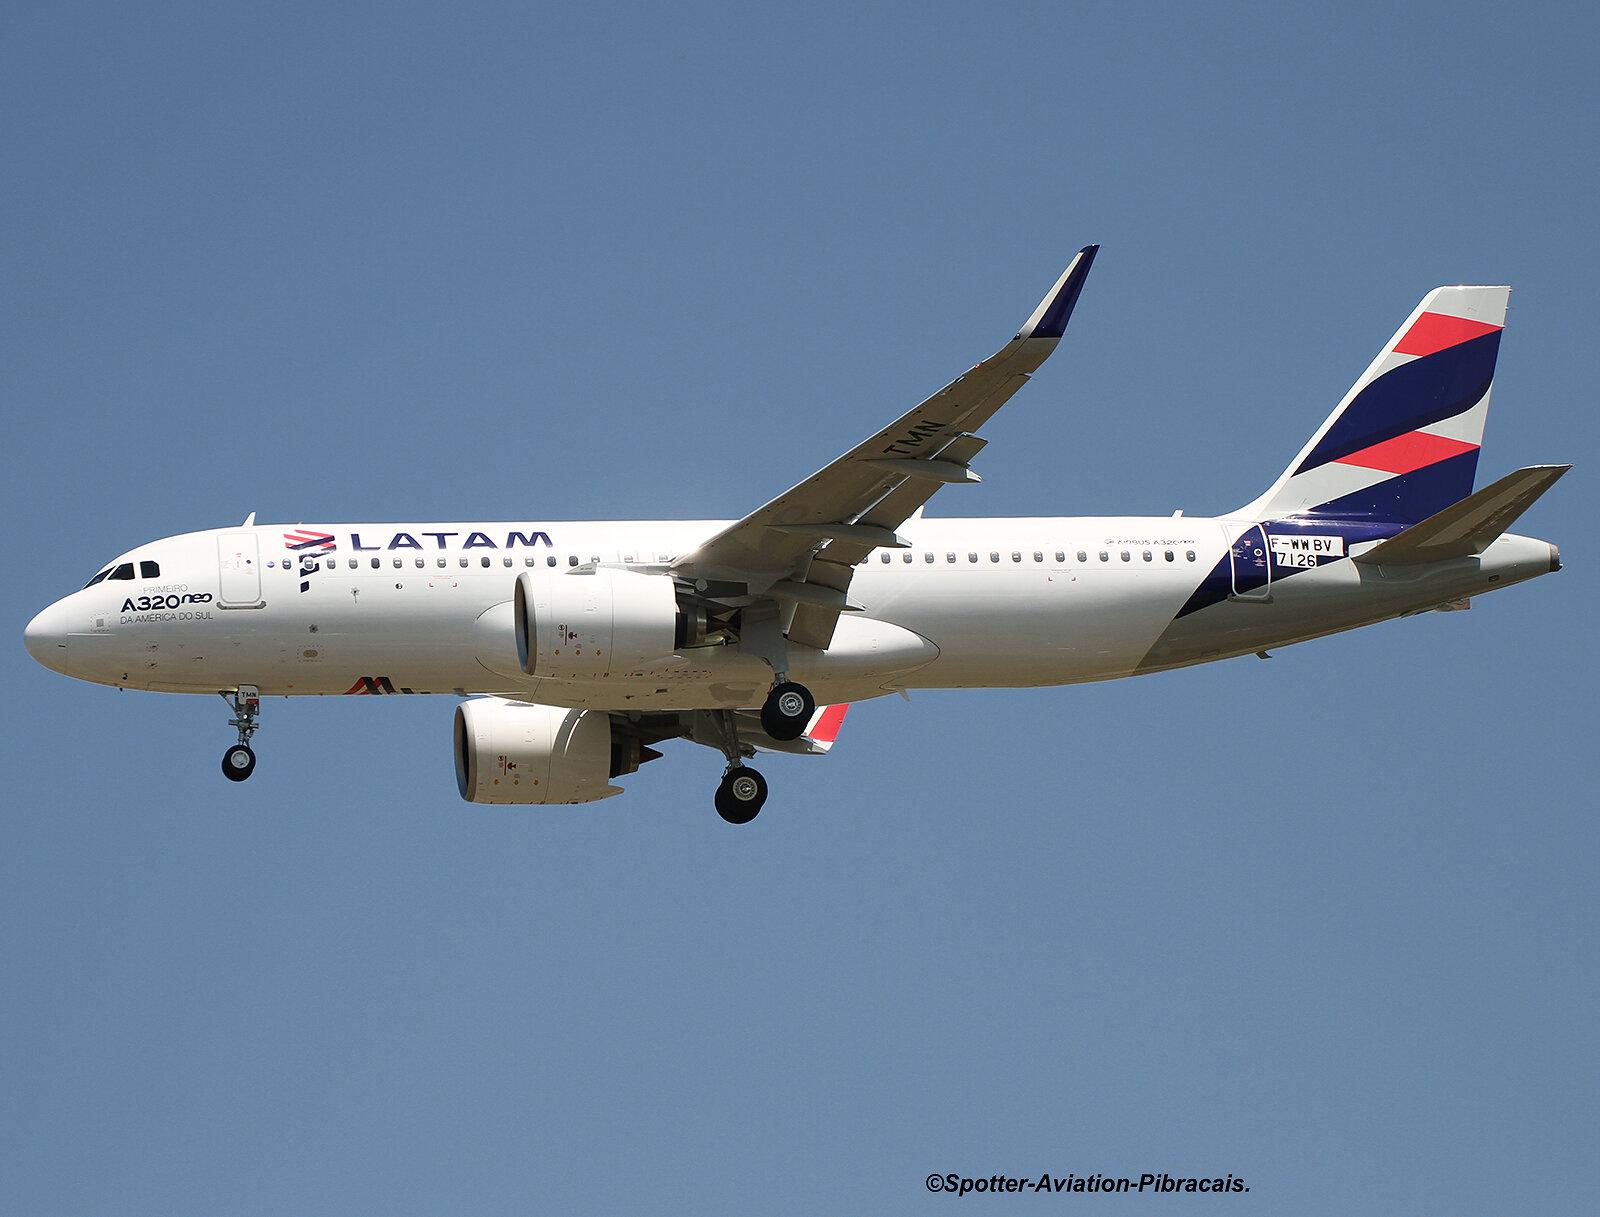 LaTAM Airlines Brasil (NEO)